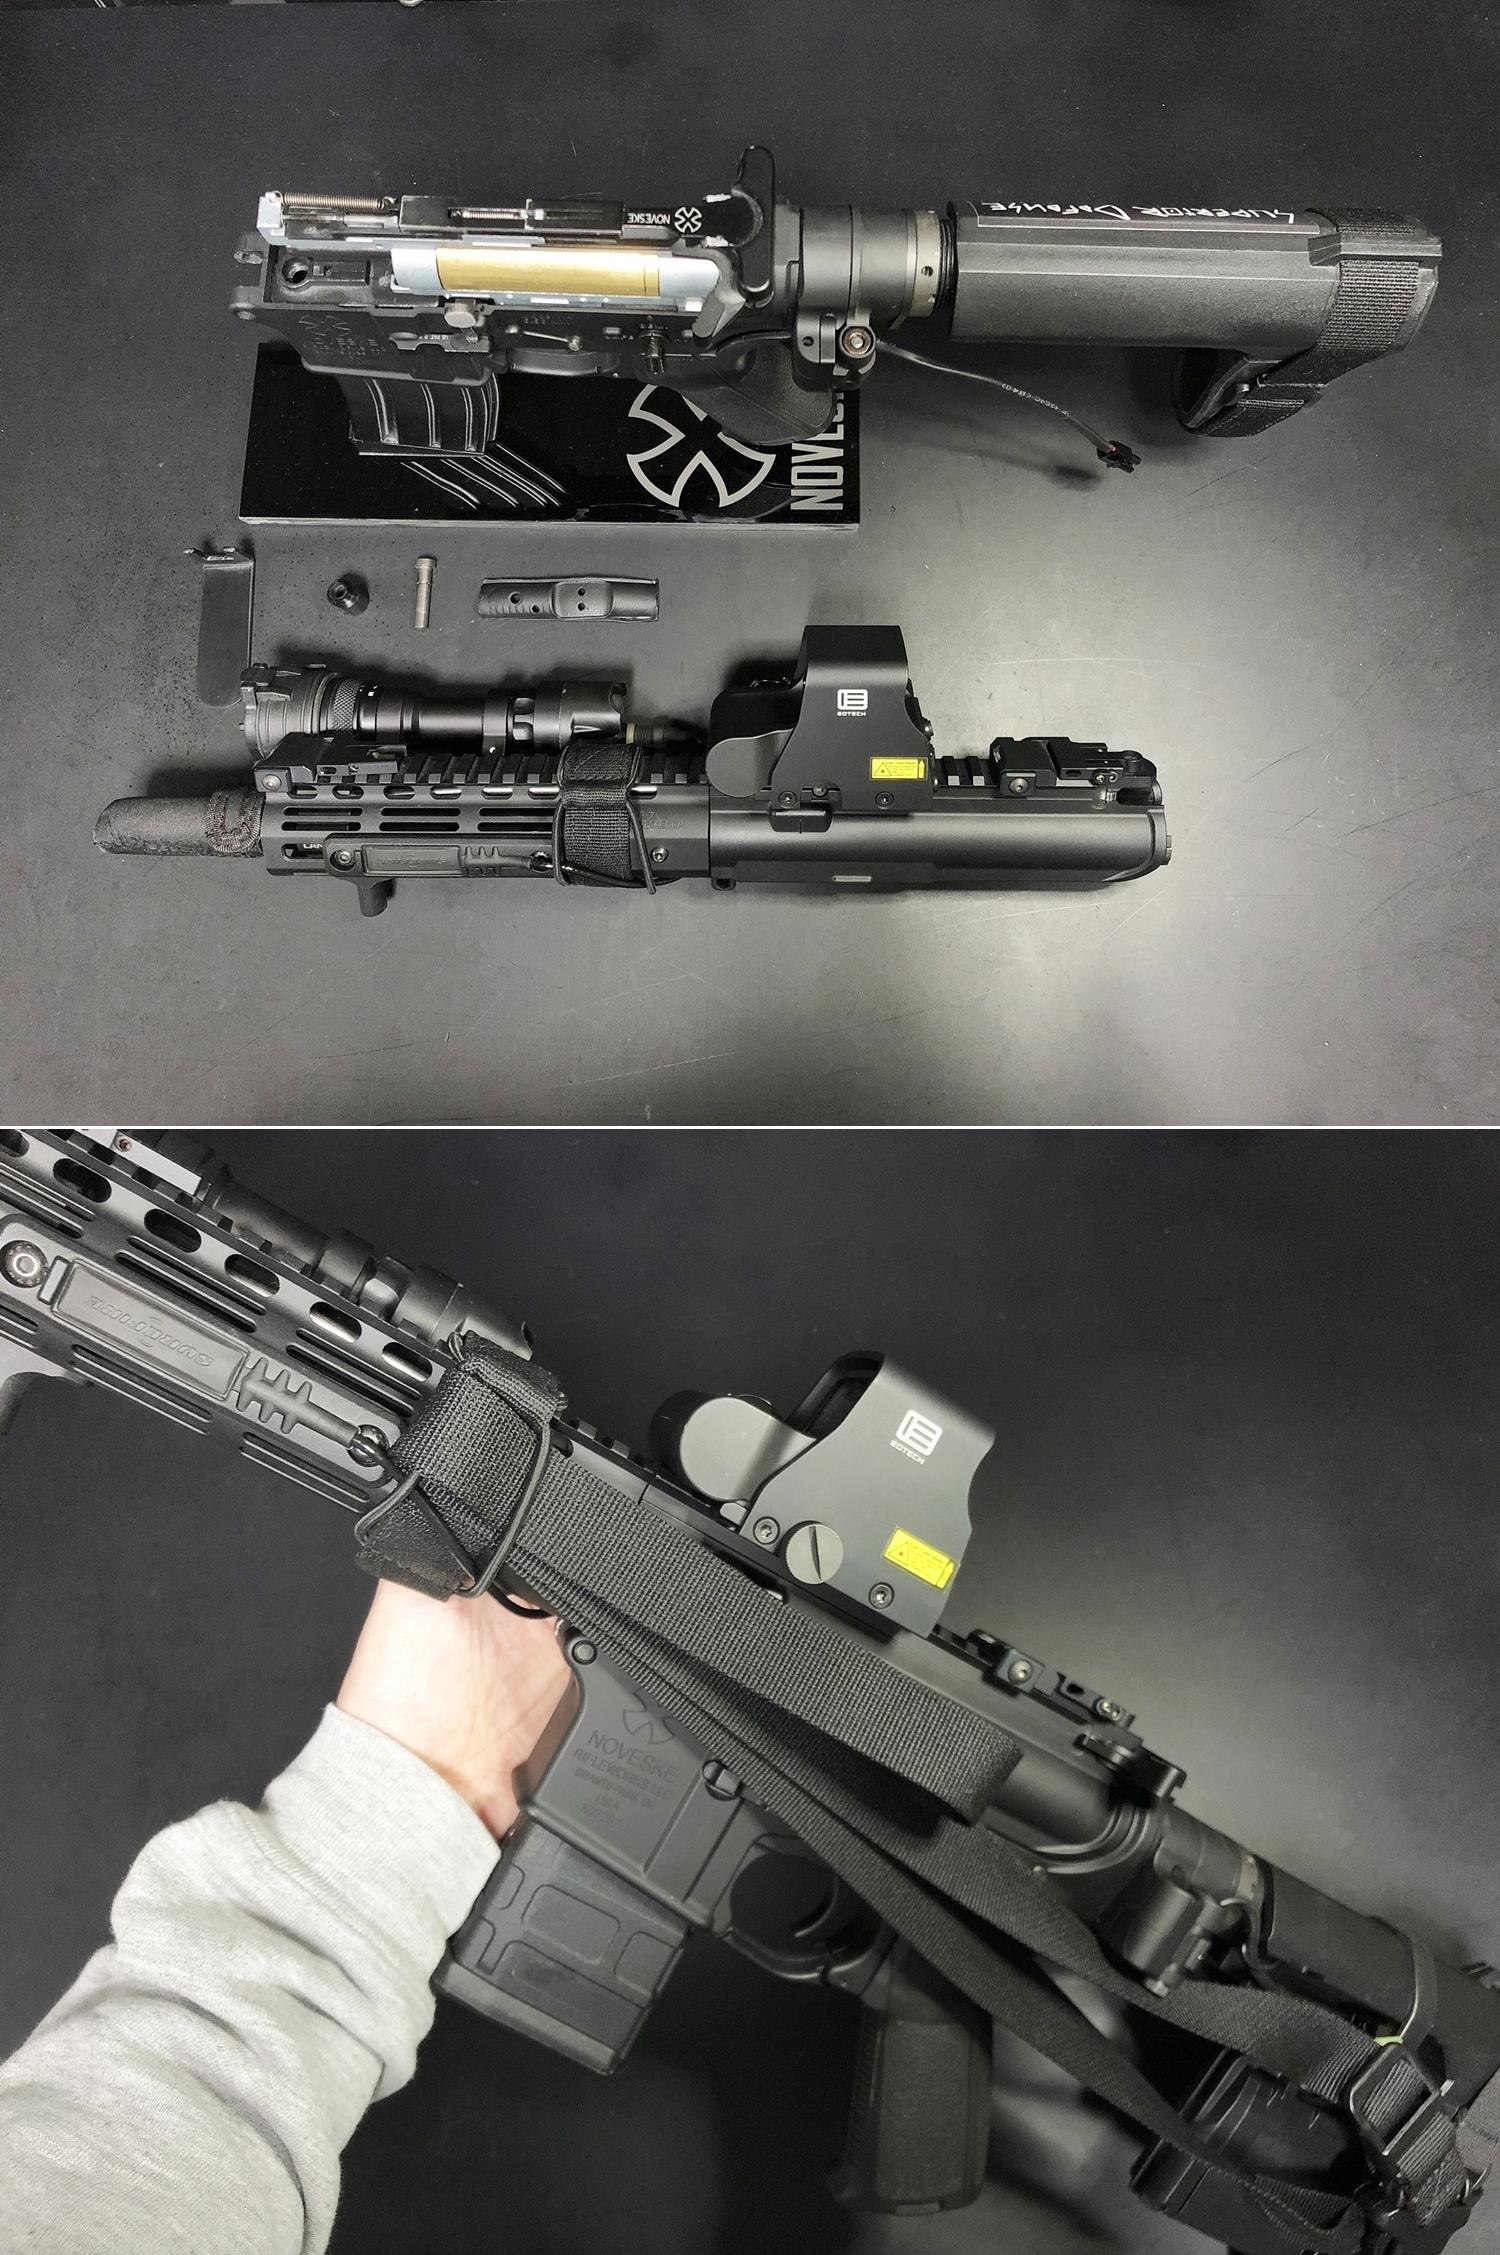 23 次世代 M4 CQB-R 簡易的修理で激的変化!! メカボックス 新品交換 & サマリウム・コバルトモーター カスタム!! メンテナンス 交換 修理 カスタム レビュー!!